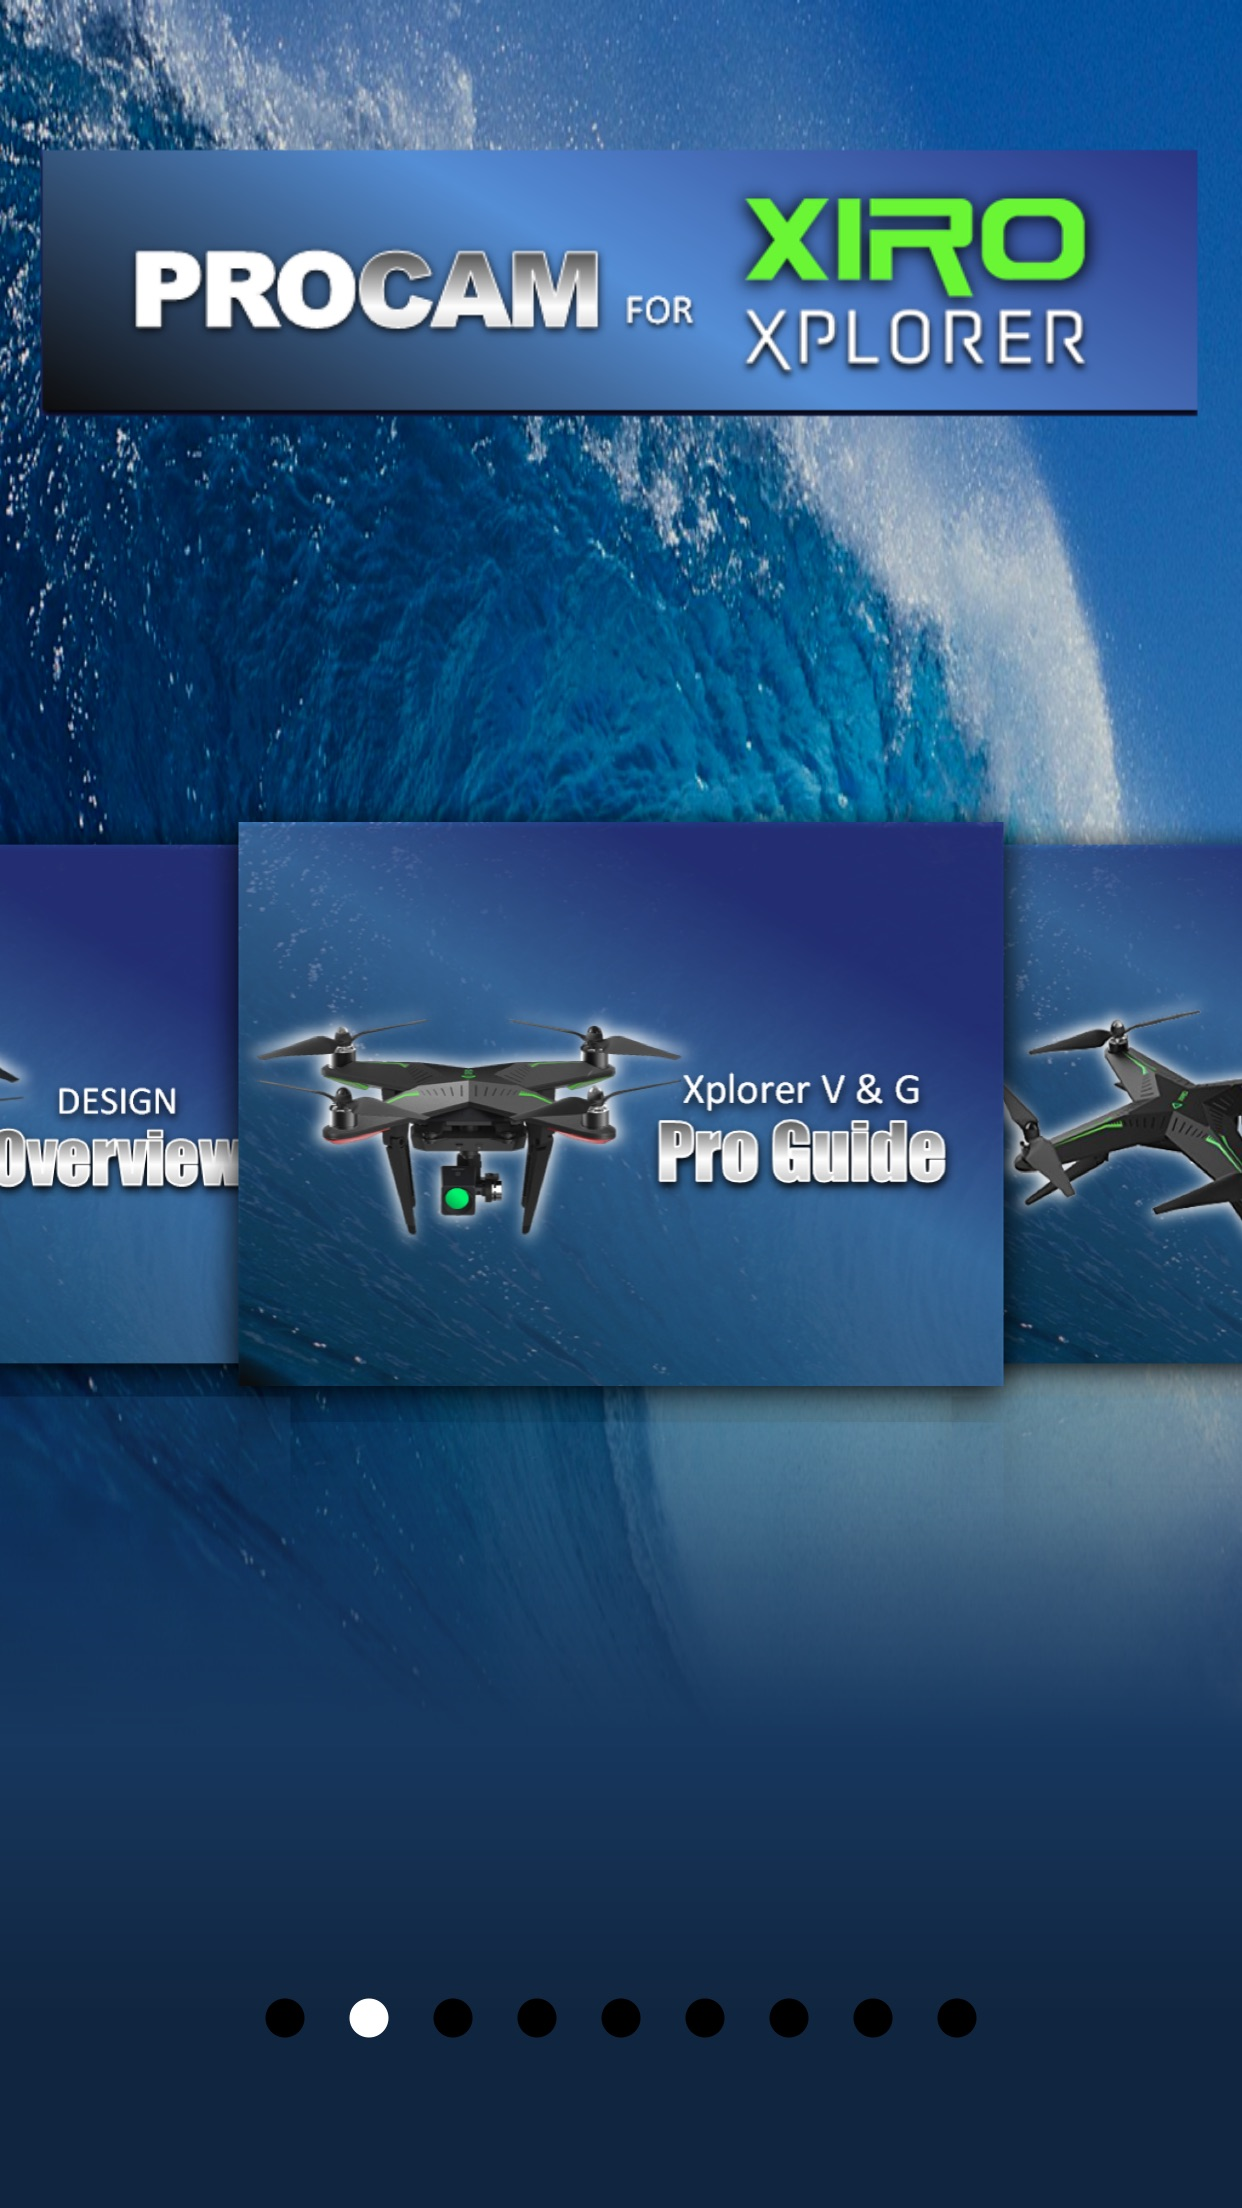 Procam for Xiro Xplorer Series Quadcopter Screenshot